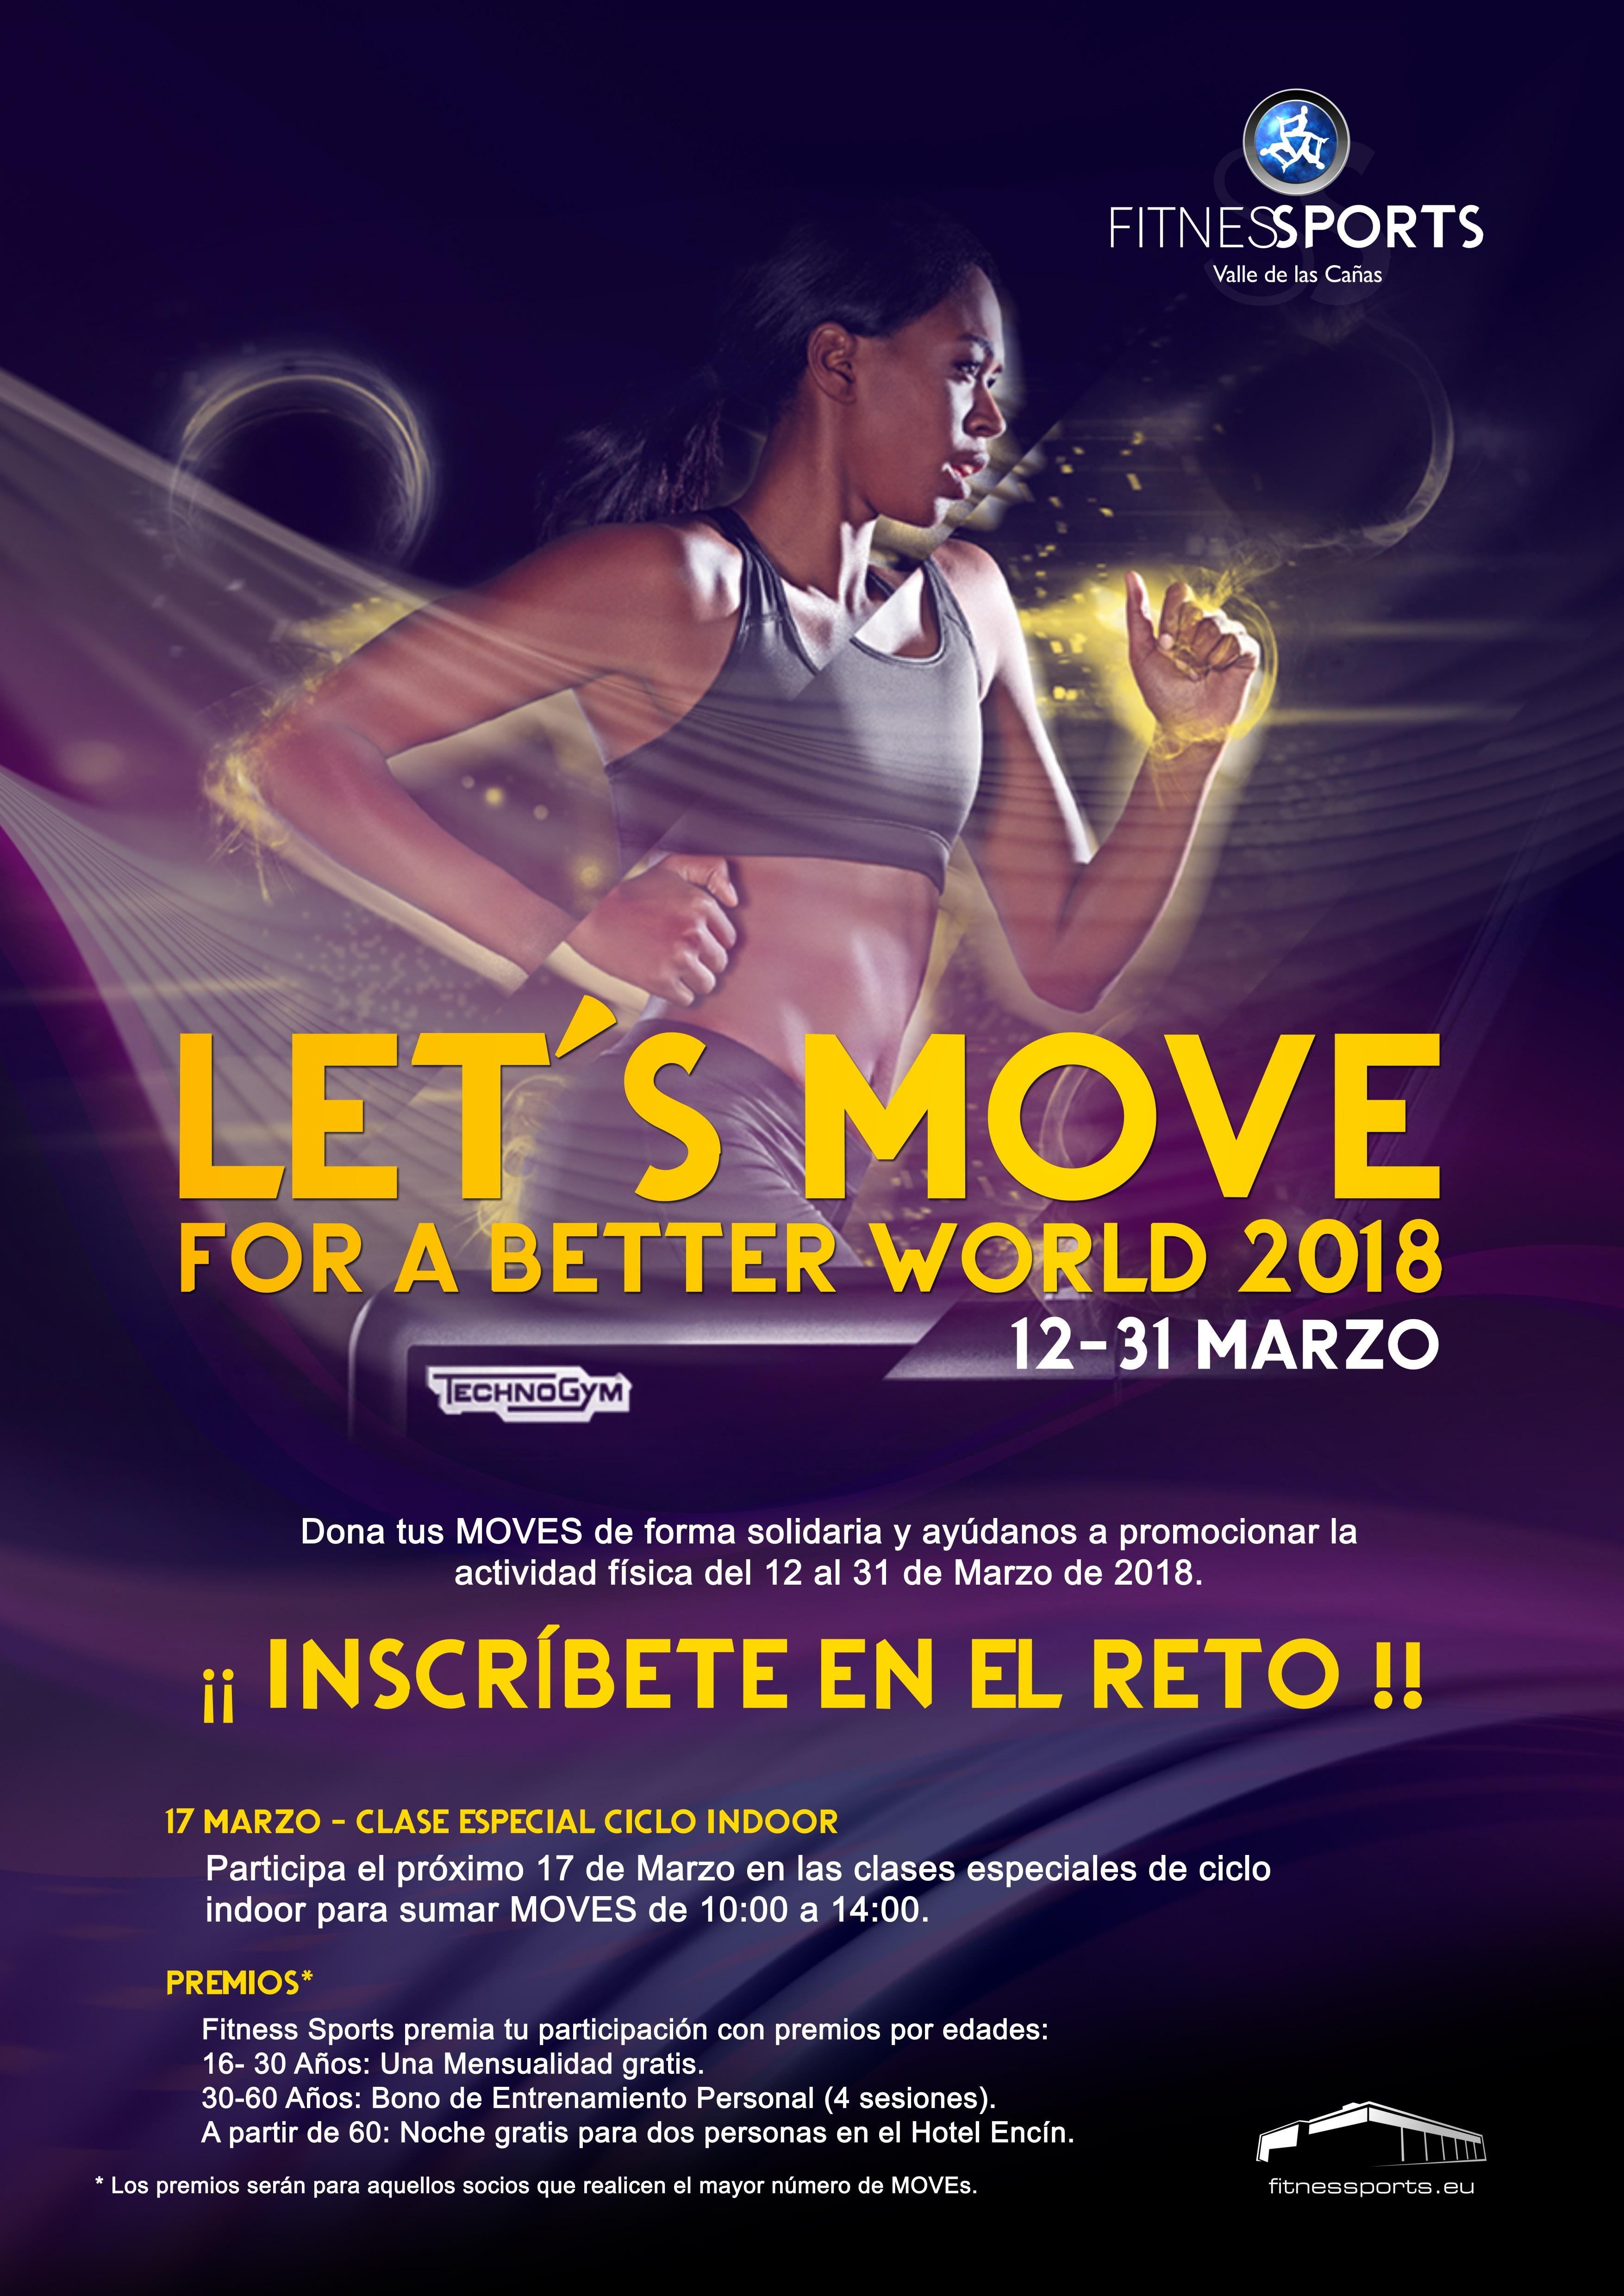 Lets Move 2018 Cartel